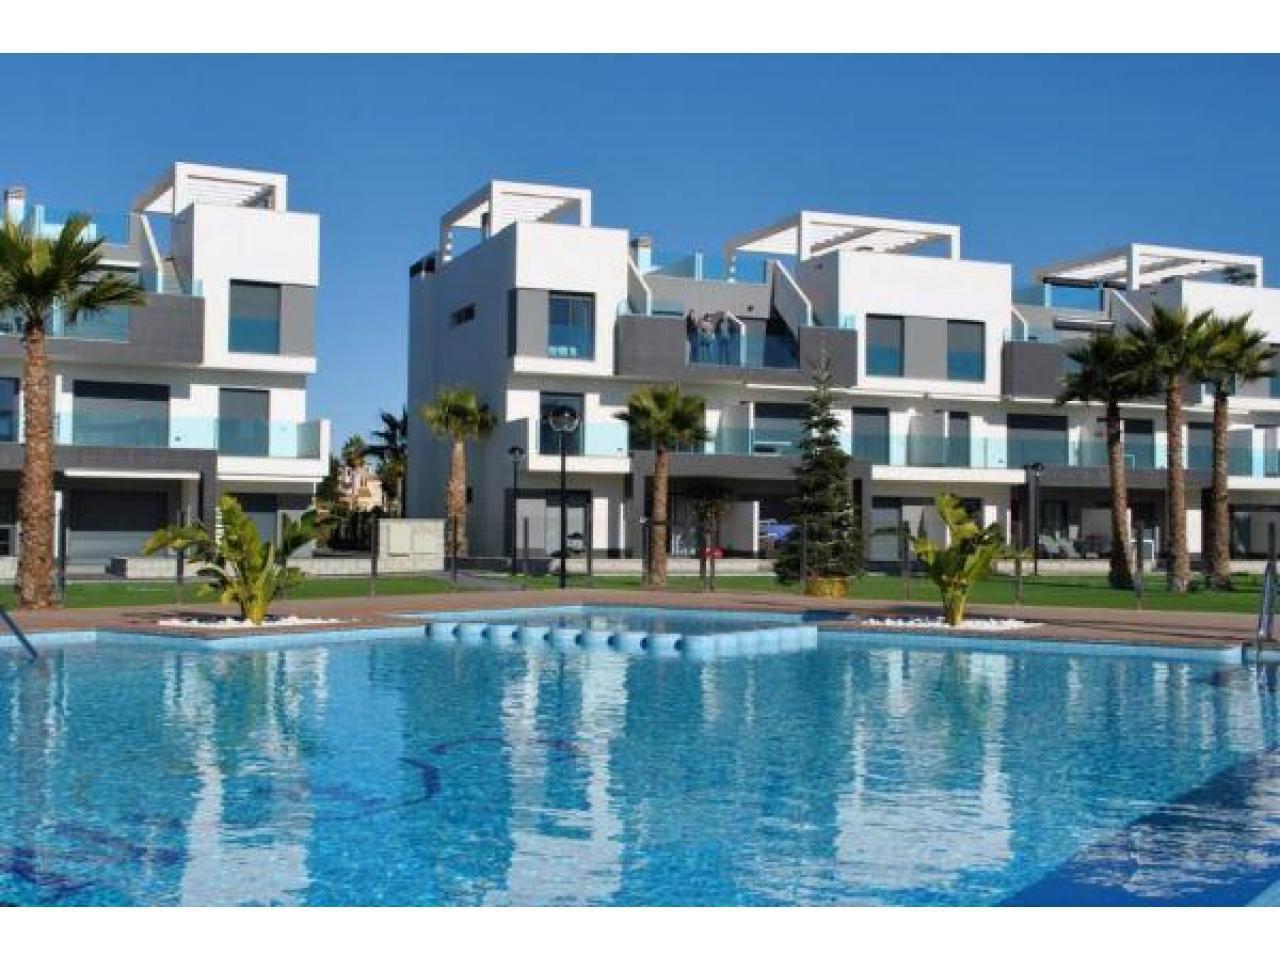 Недвижимость в Испании, Новые квартиры от застройщика в Гуардамар,Коста Бланка,Испания - 1